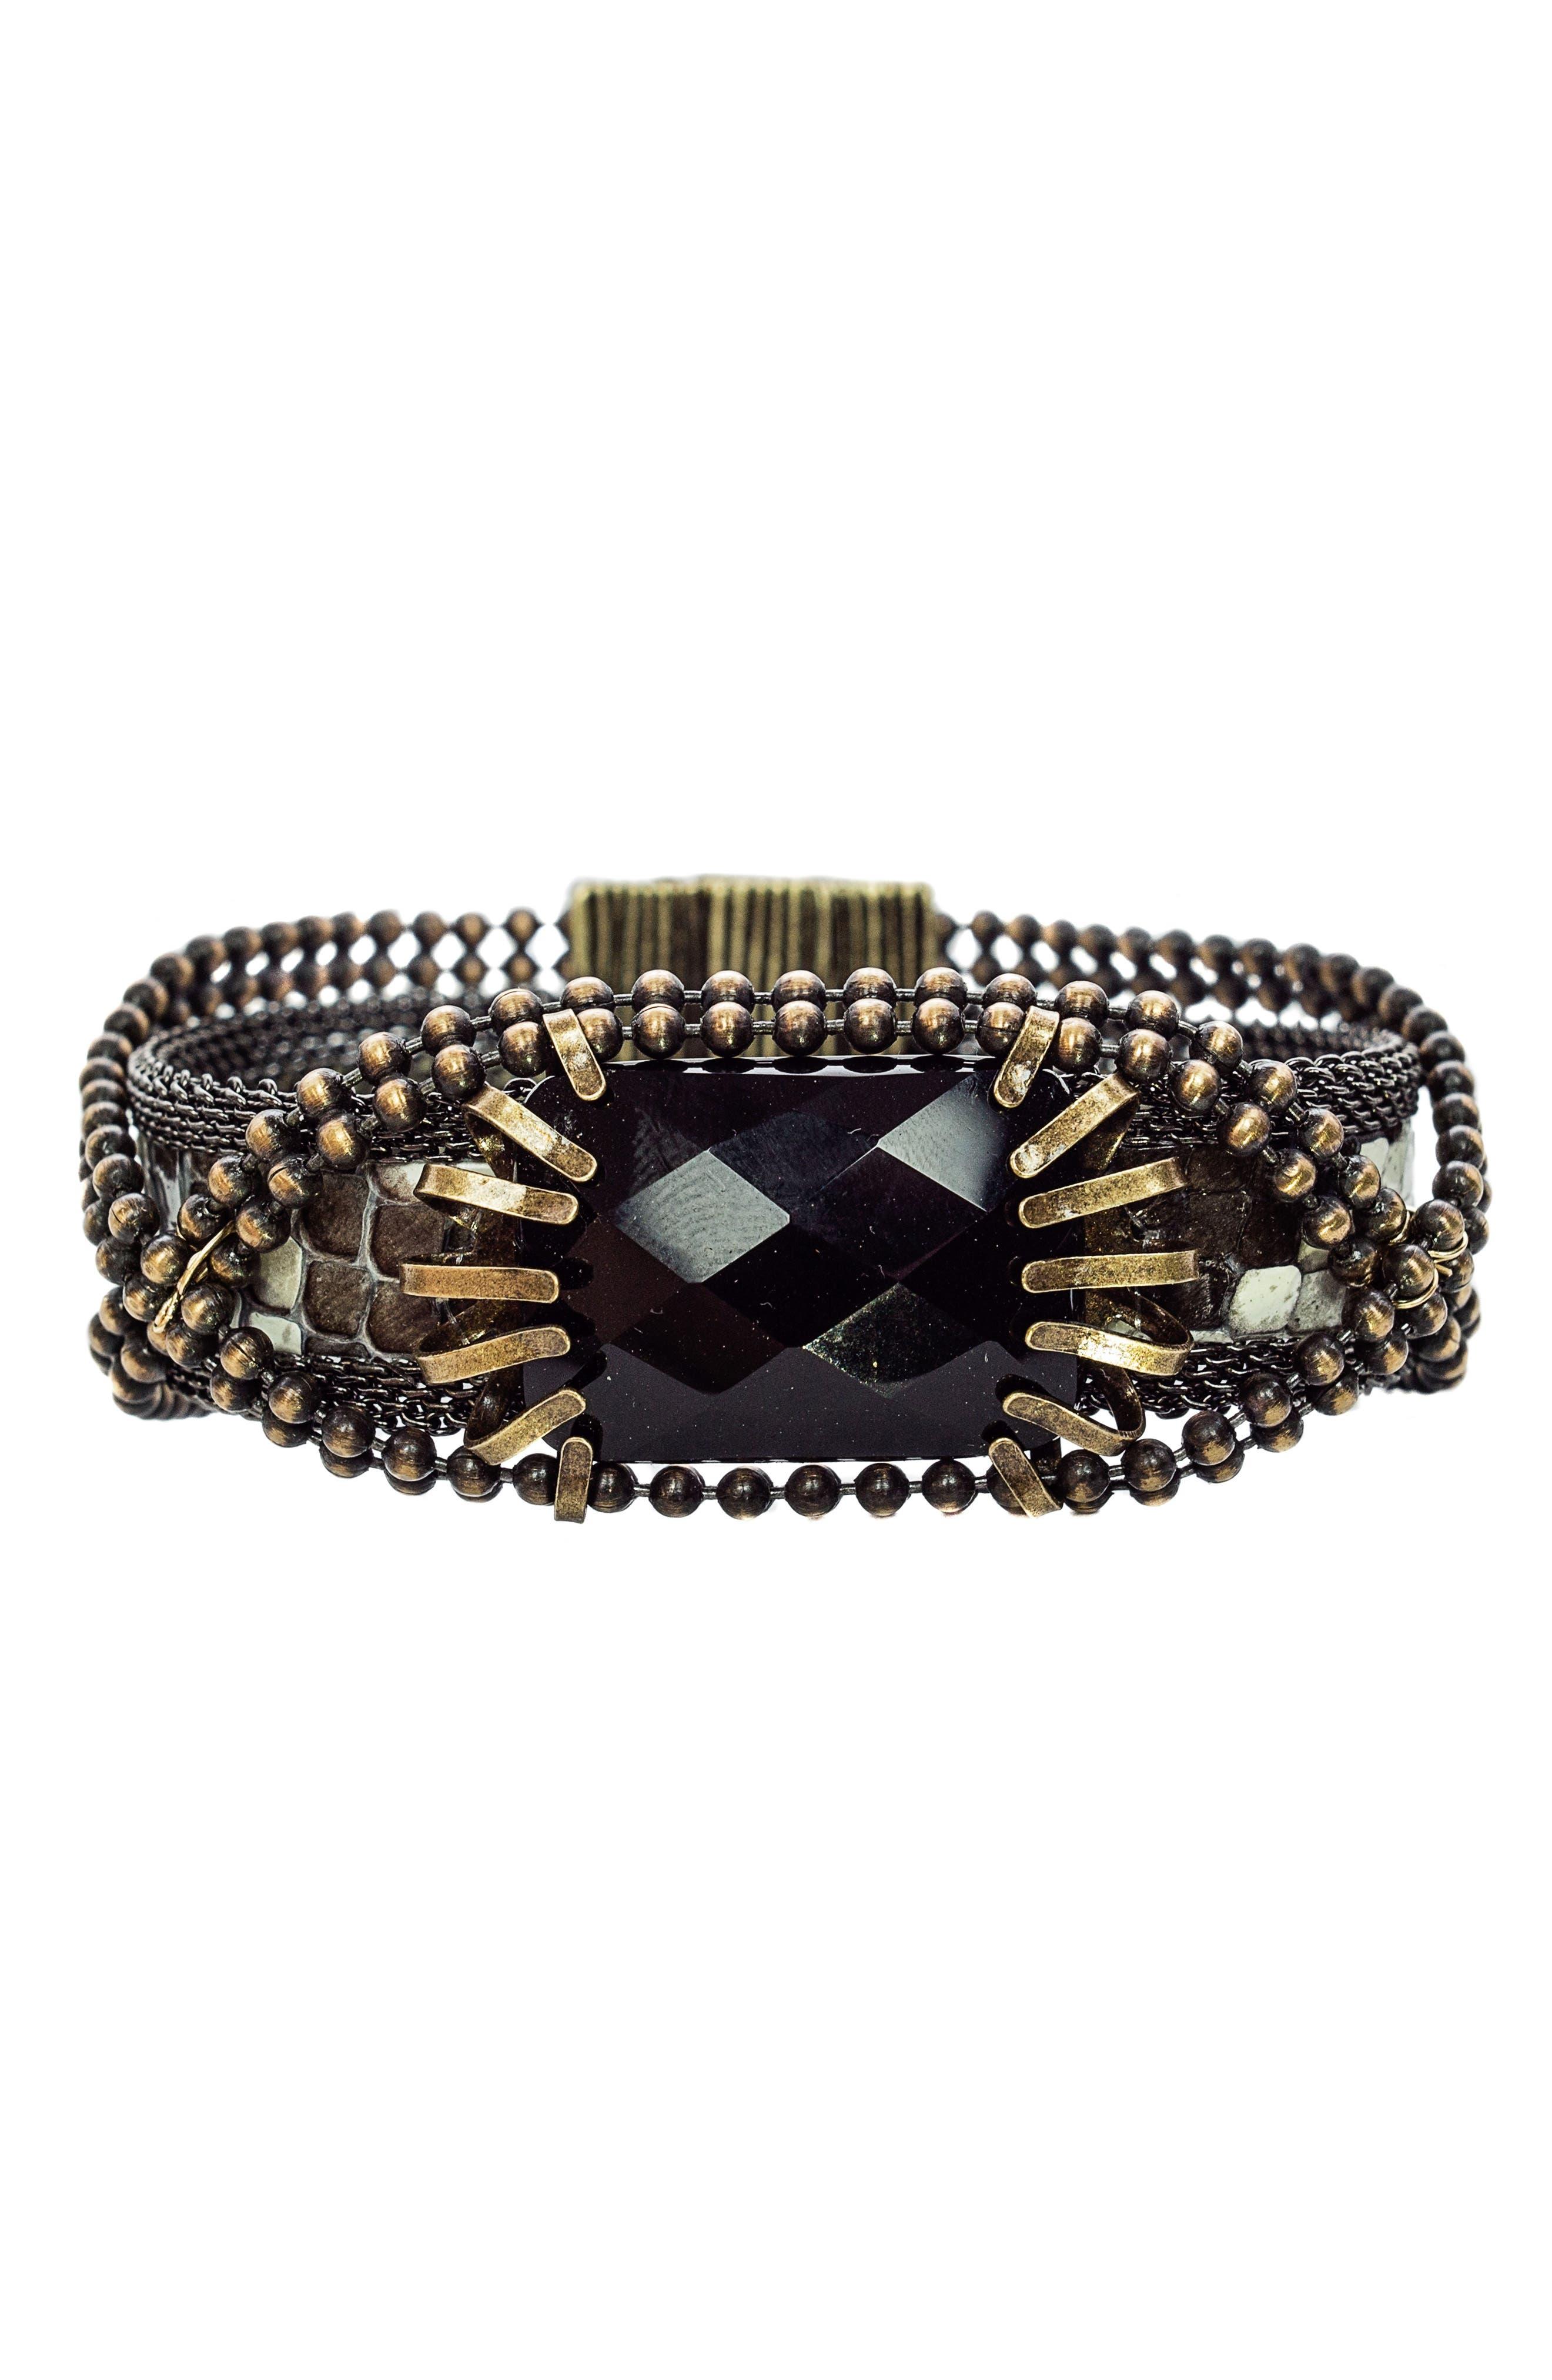 Stone & Snakeskin Bracelet,                         Main,                         color, Black/ Bronze